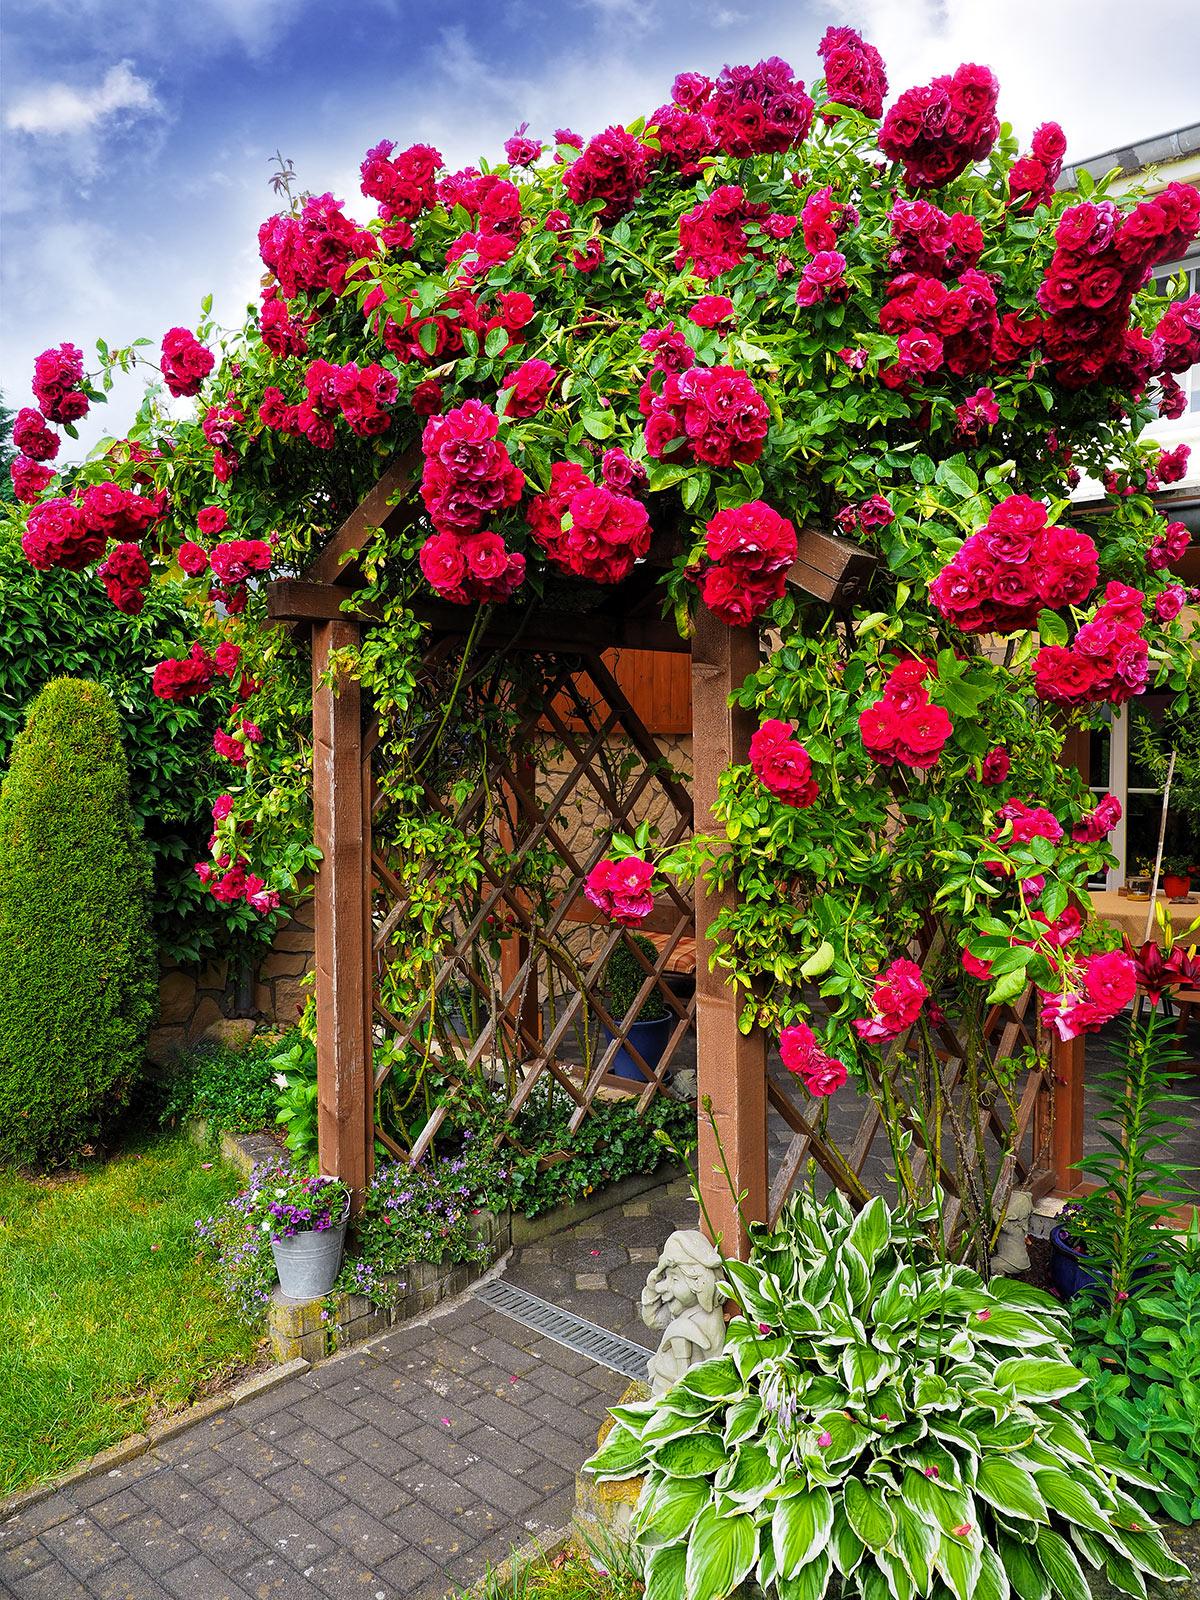 Pergolato in legno con rose rampicanti.